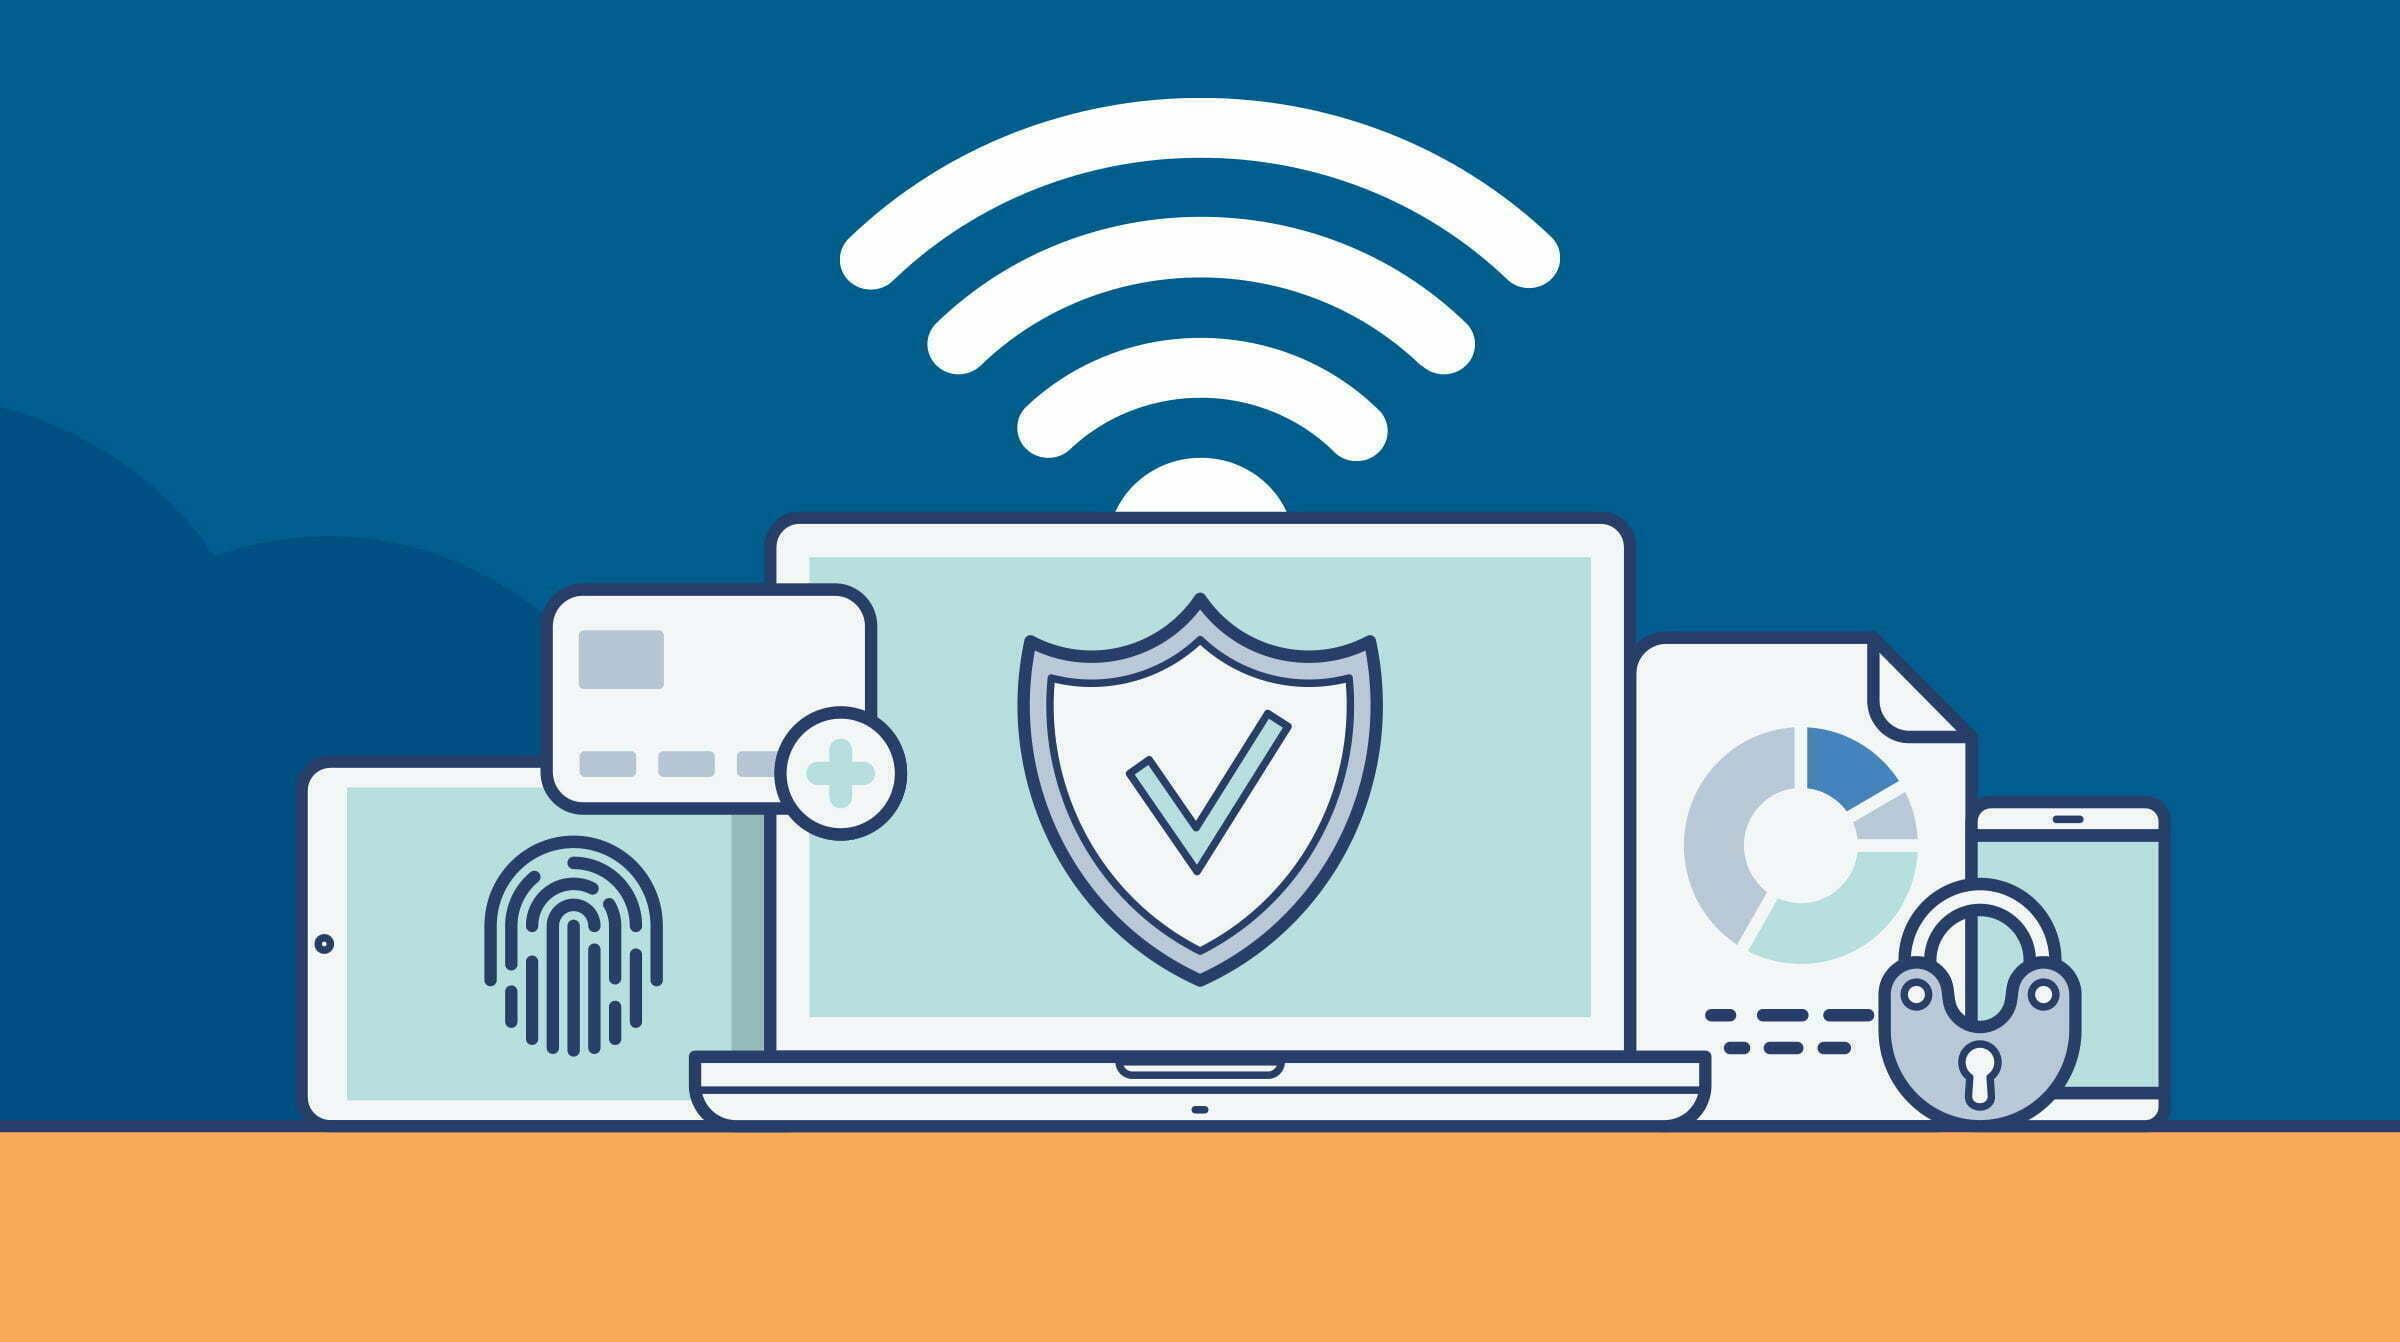 Industrie 4.0 et sécurité – Quand le virage numérique rime avec opportunité… pour les malfaiteurs